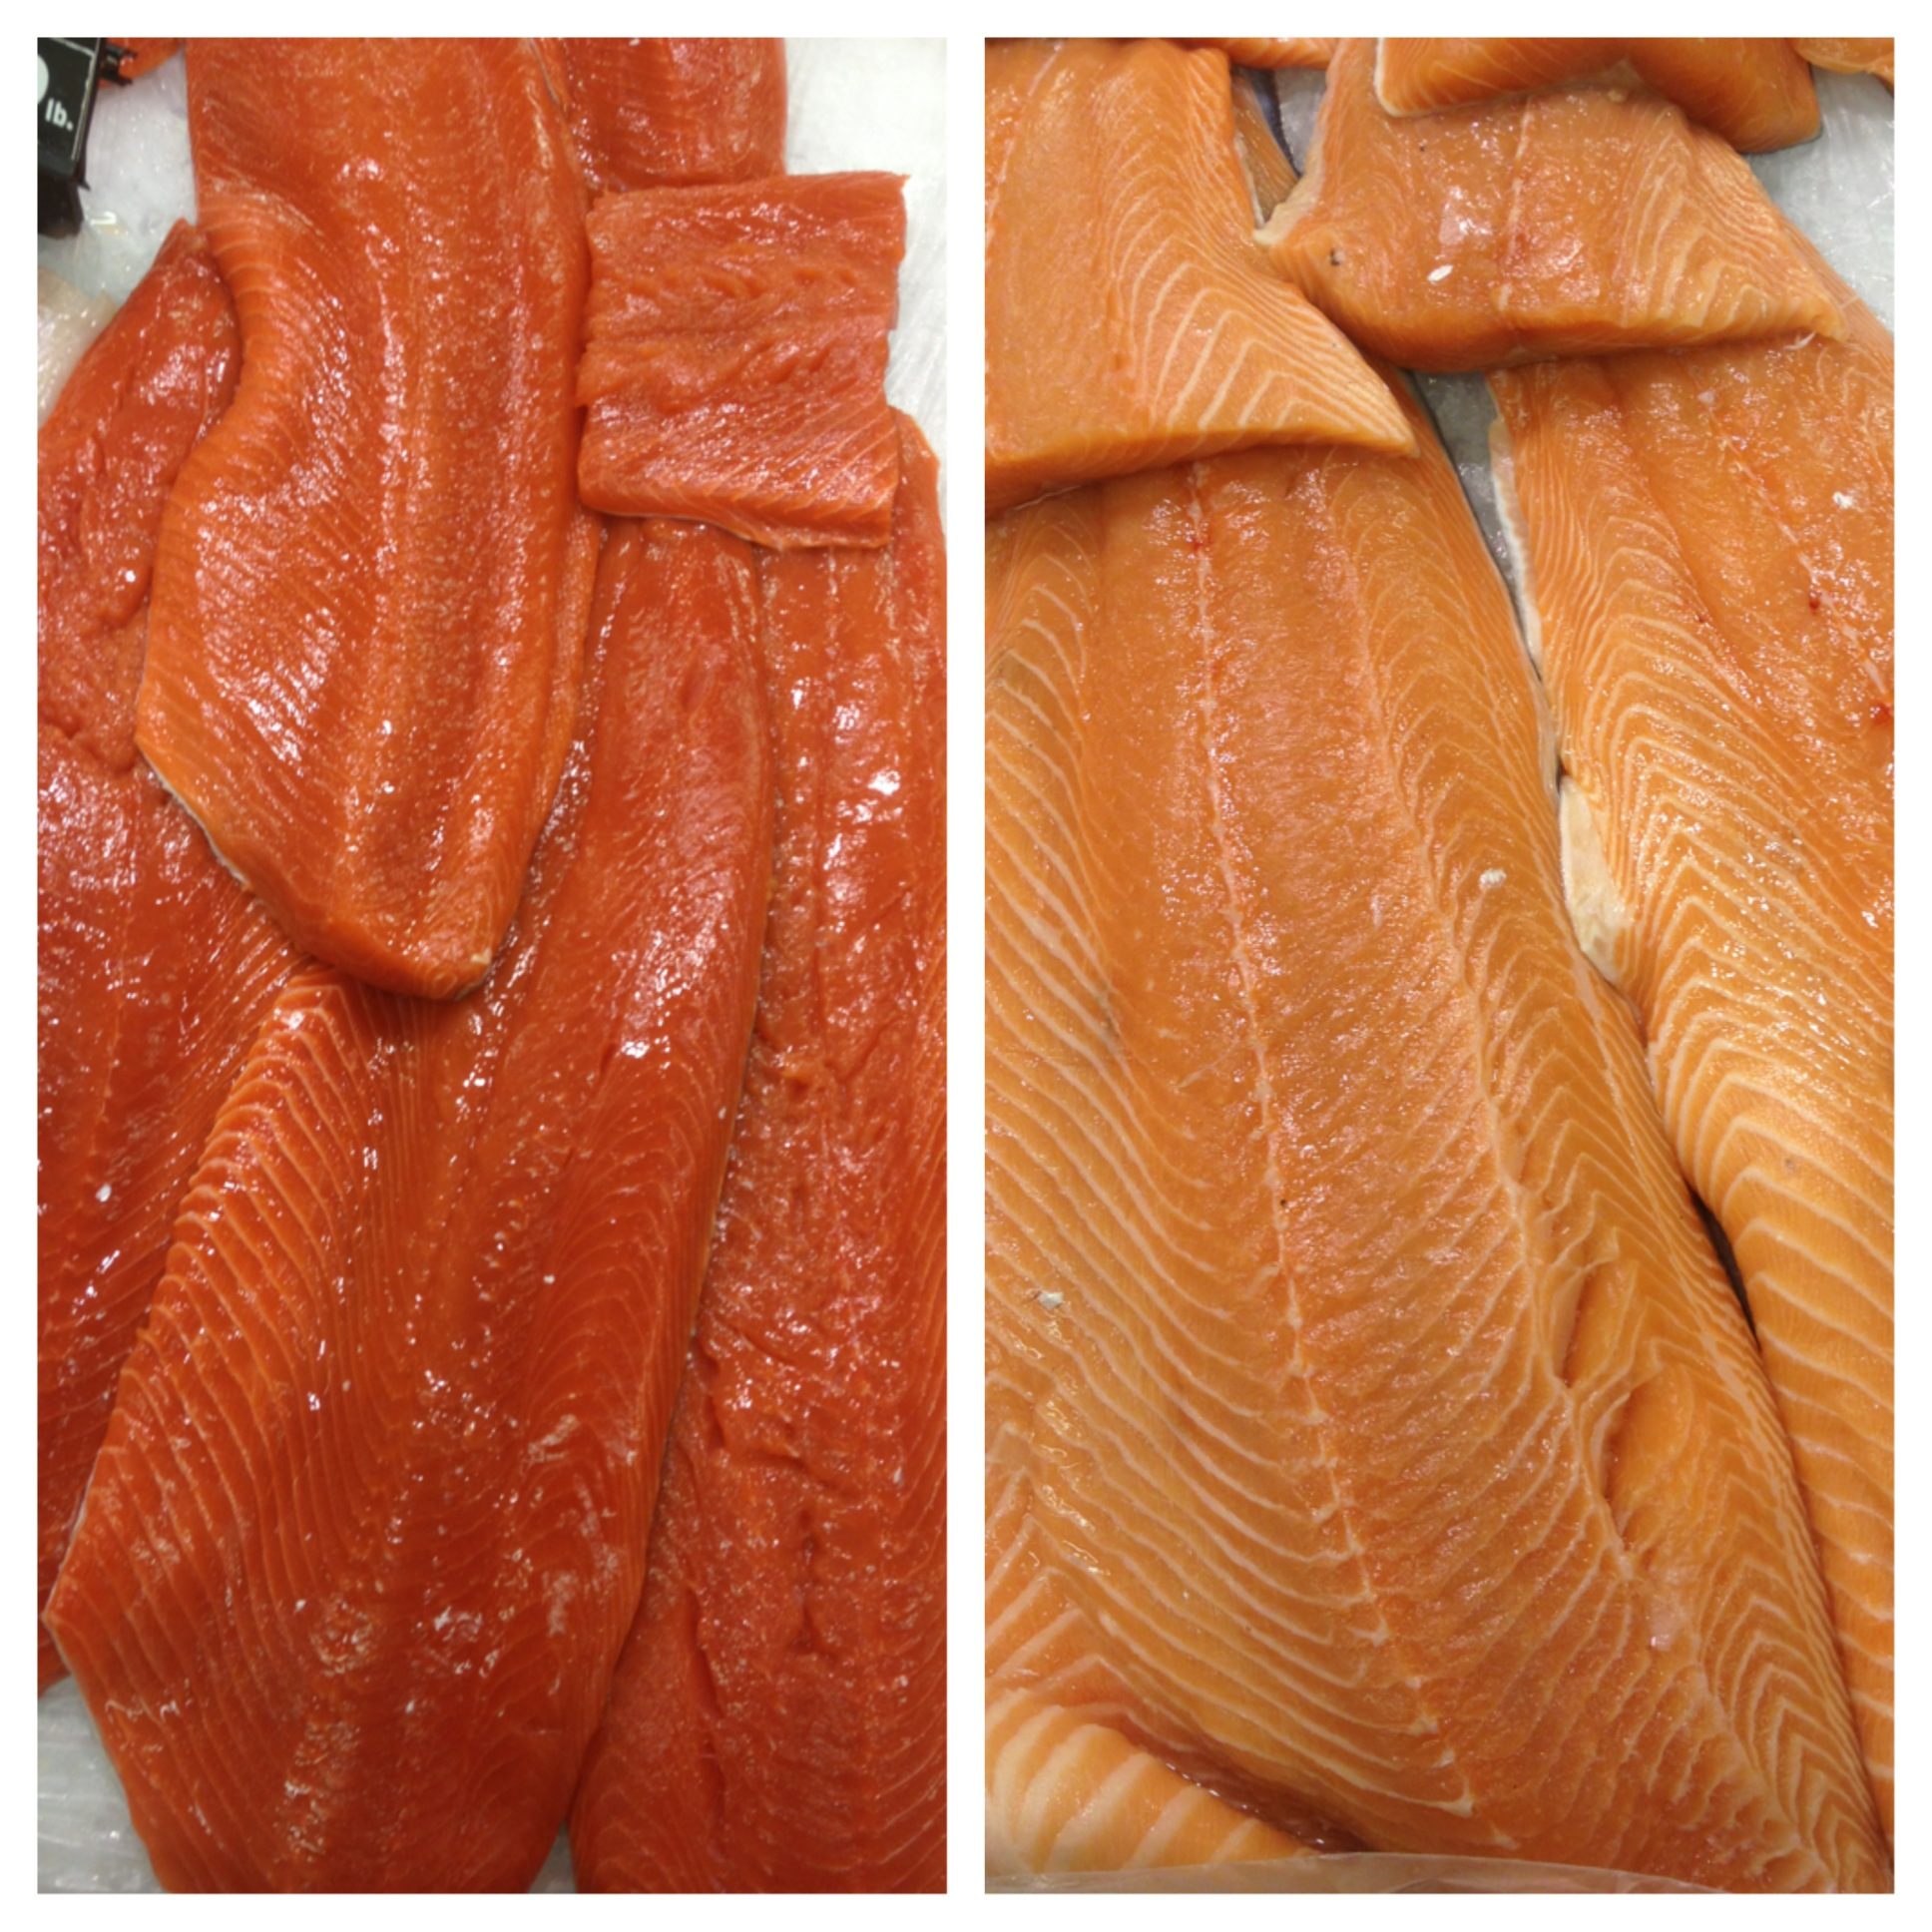 Wild vs. Farm Raised Salmon